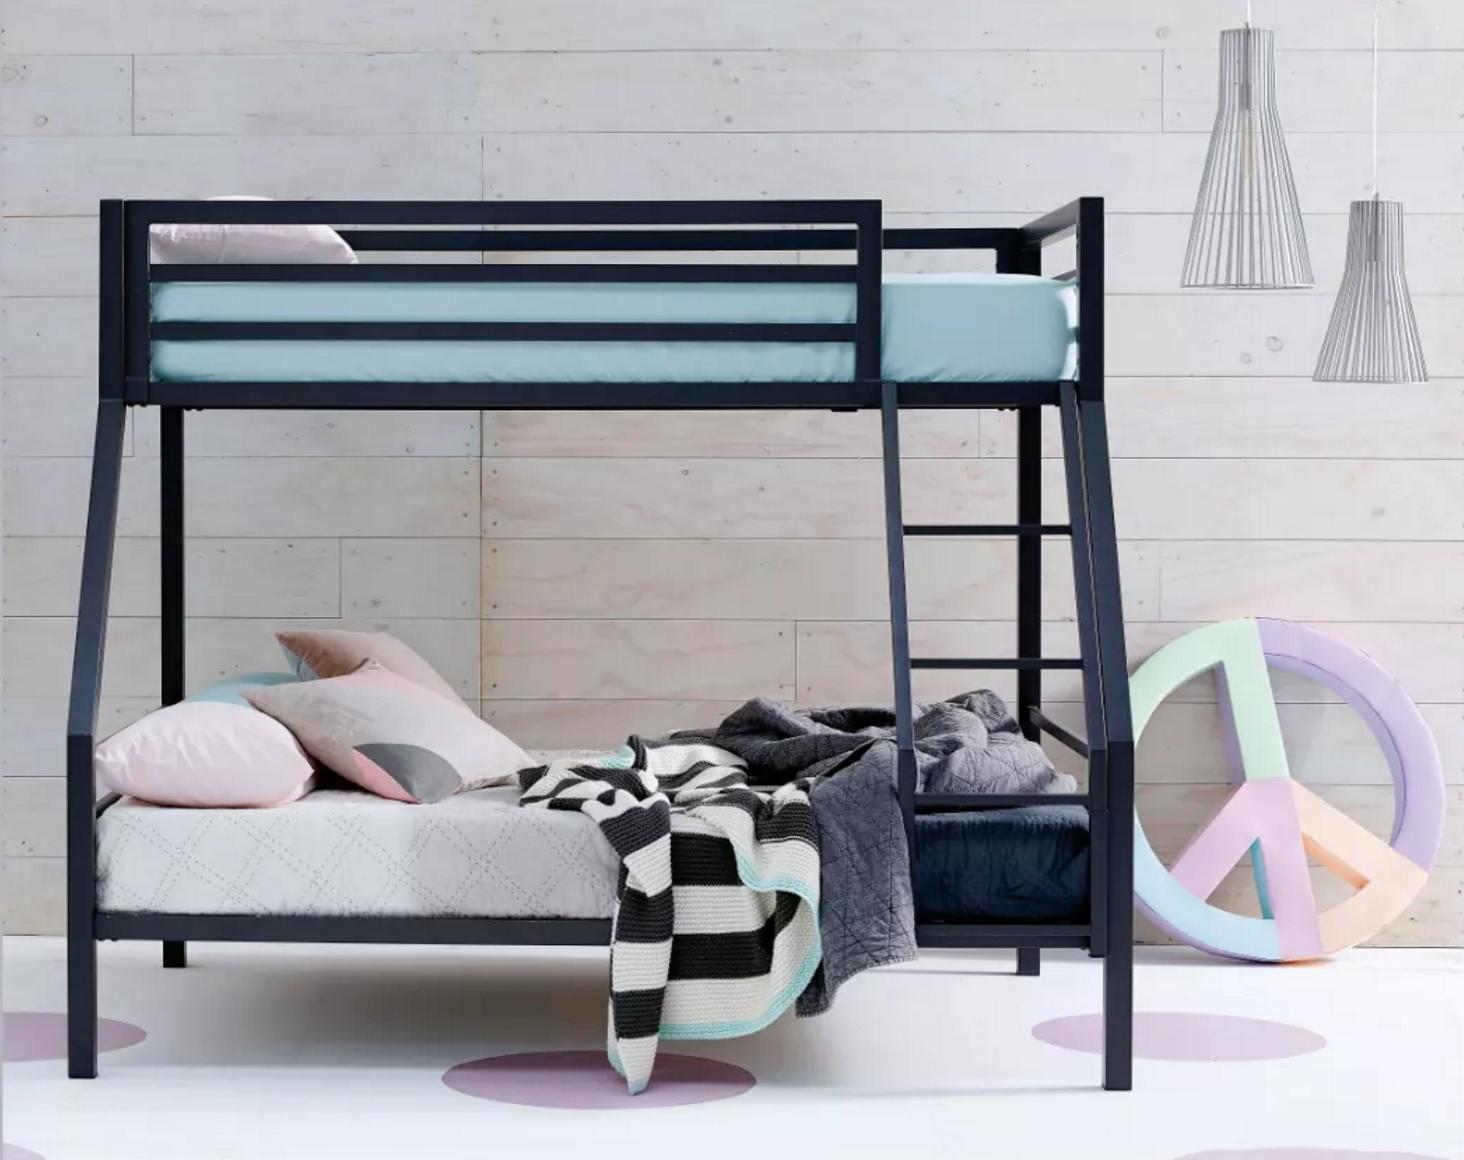 Modern loft bed ideas  Our Favourite Modern Bunk Beds  Chalk Kids Blog  Camere bimbi